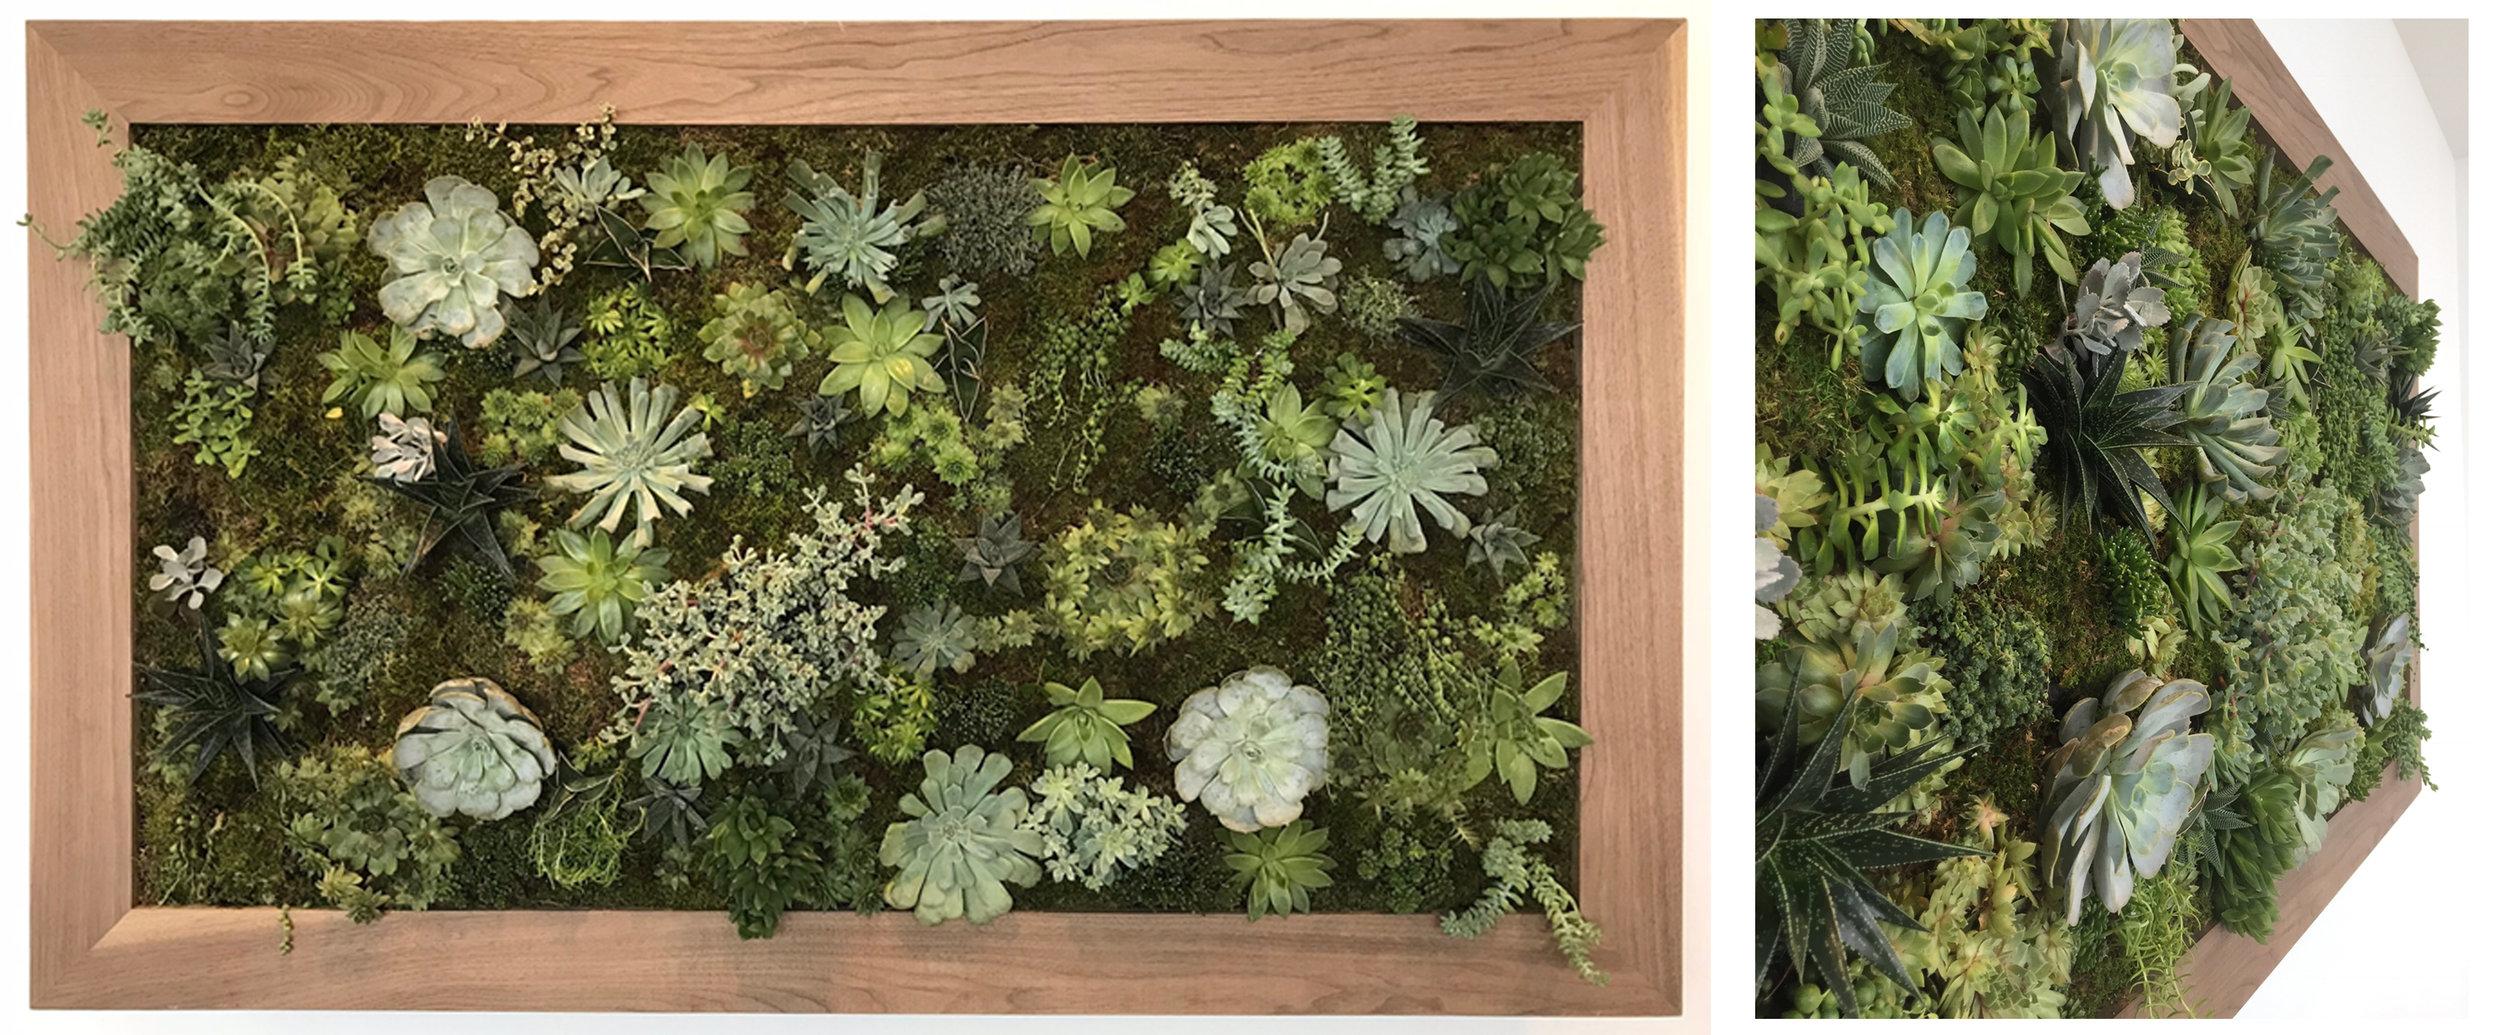 Custom made succulent wall garden